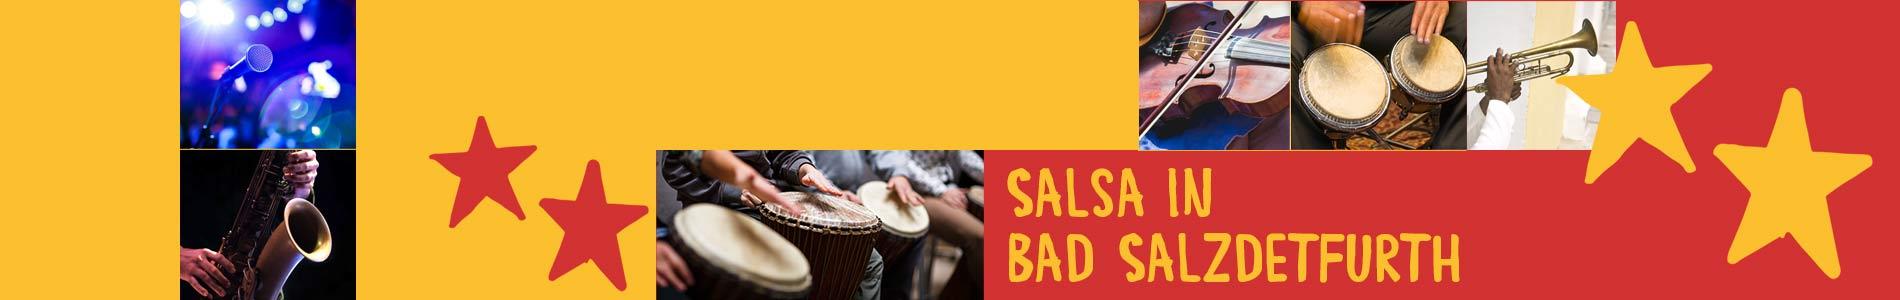 Salsa in Bad Salzdetfurth – Salsa lernen und tanzen, Tanzkurse, Partys, Veranstaltungen